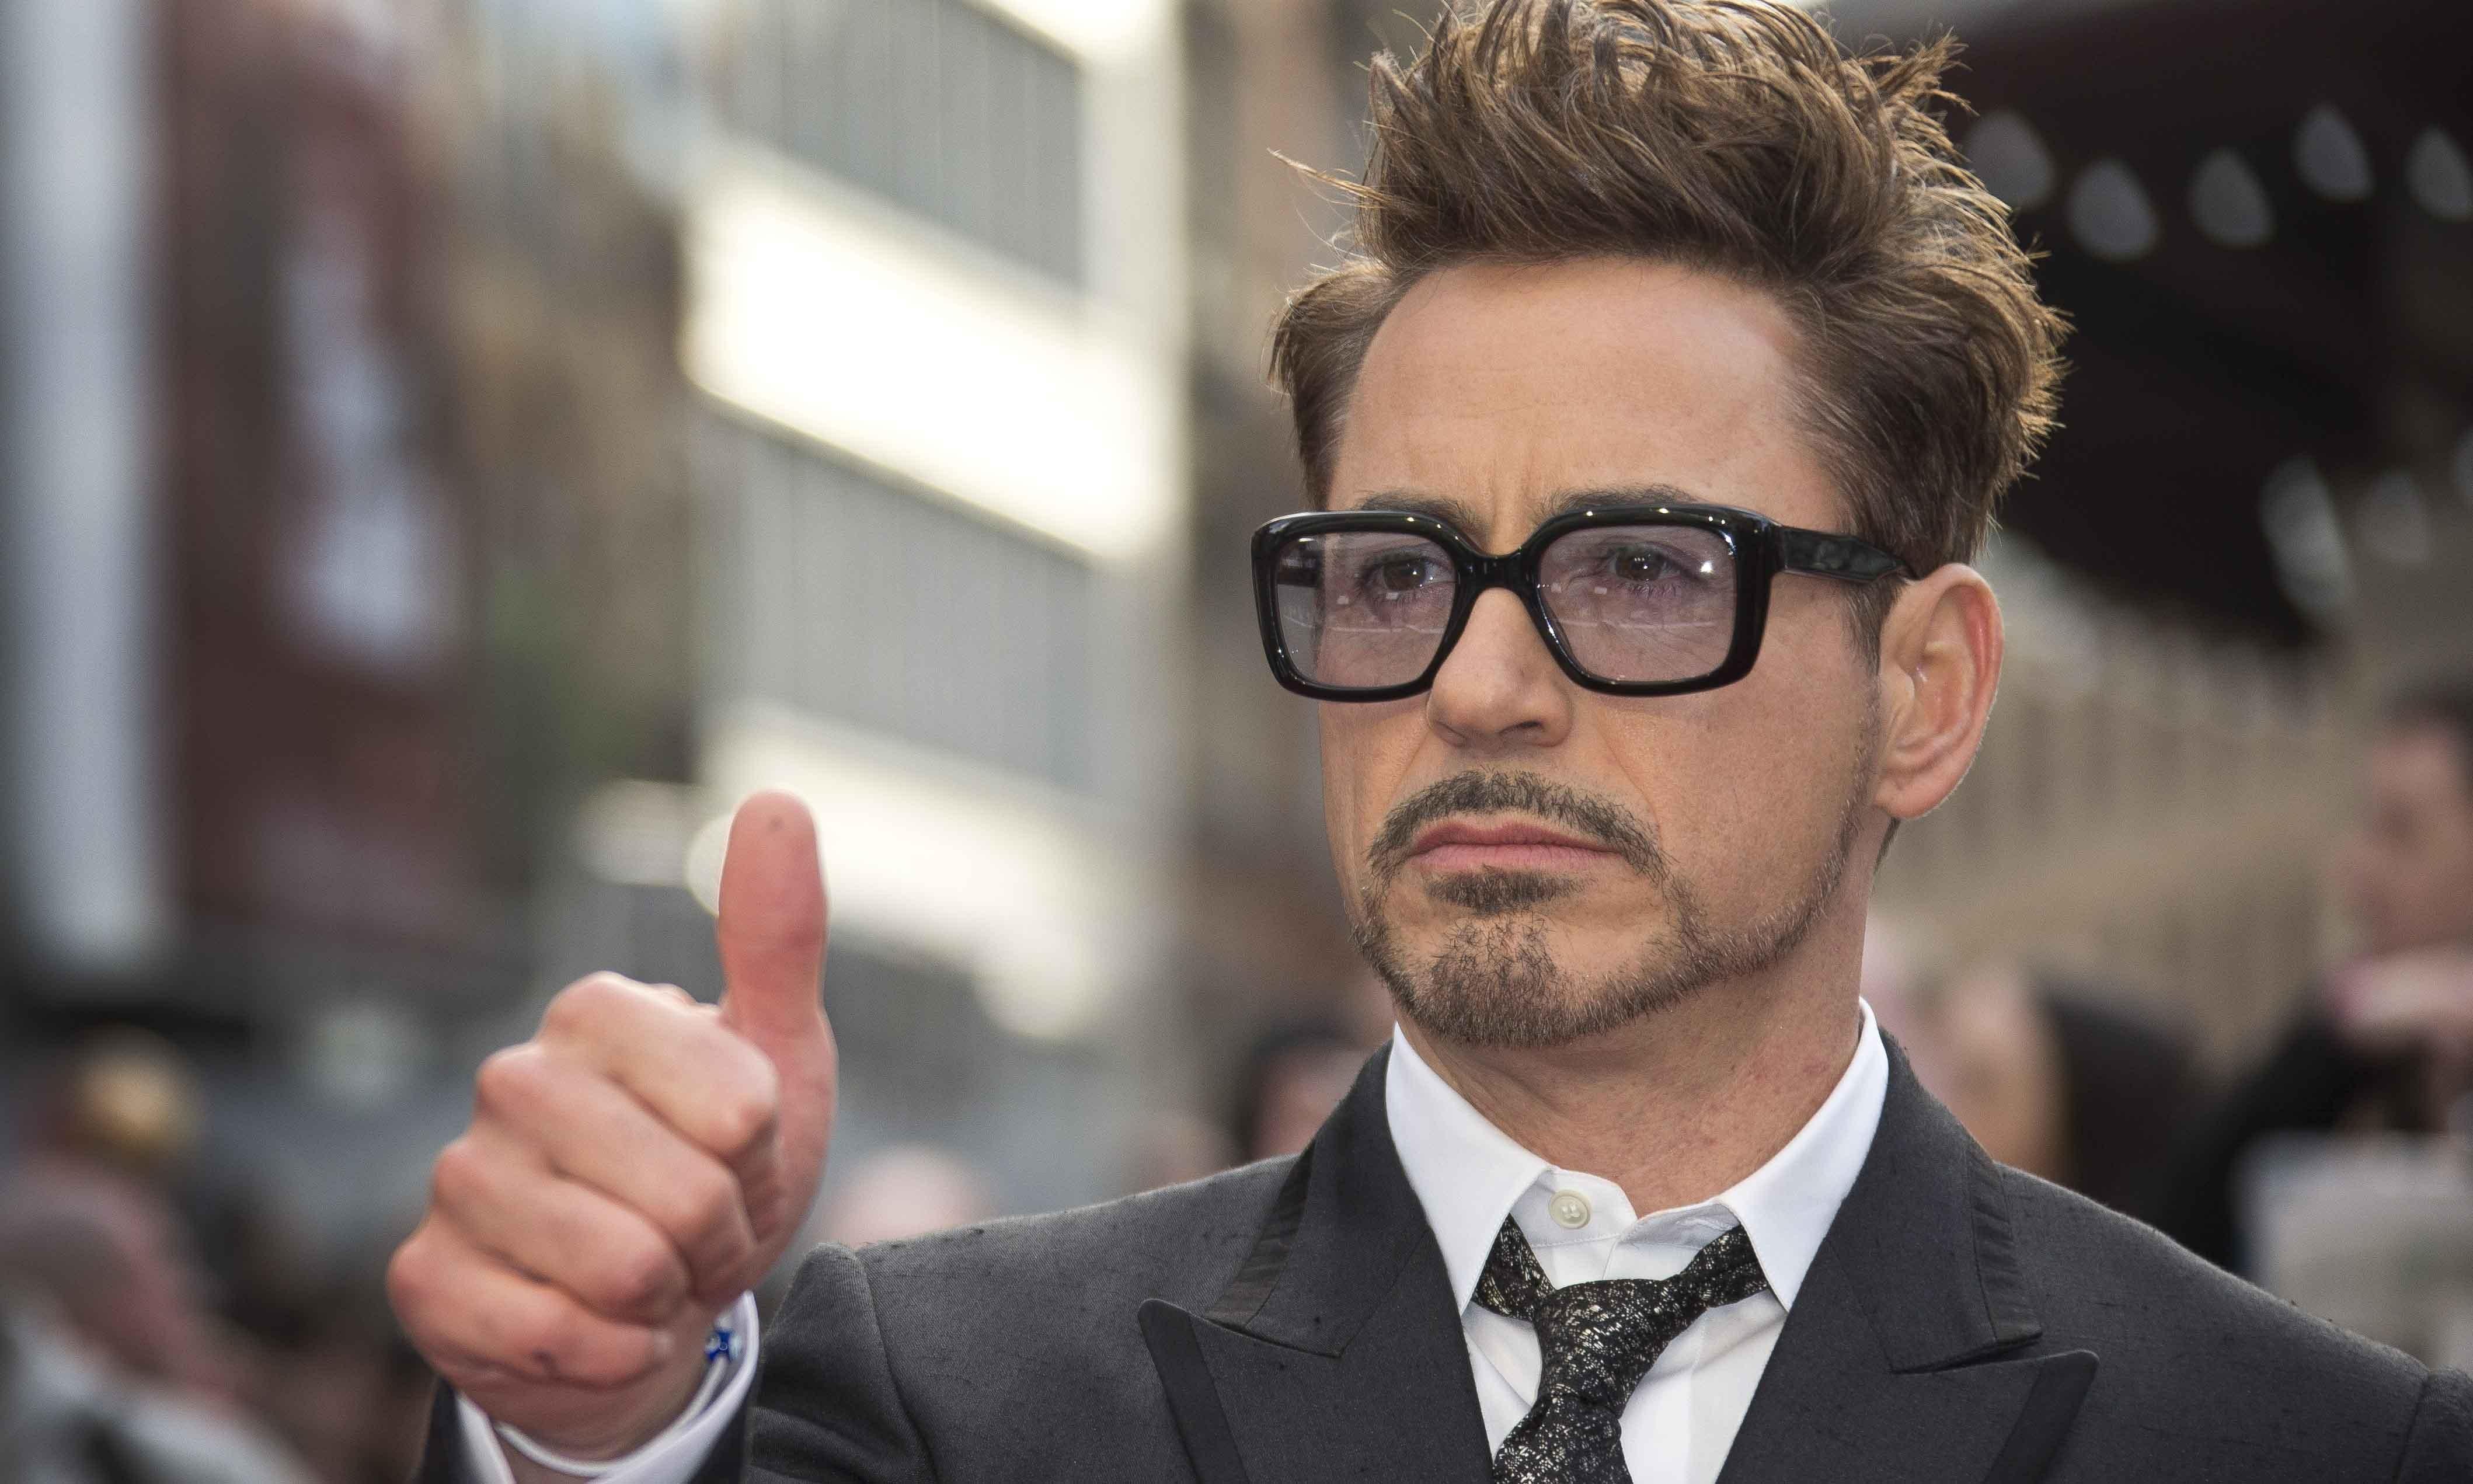 福布斯揭晓 2015 年全球男演员收入排行榜